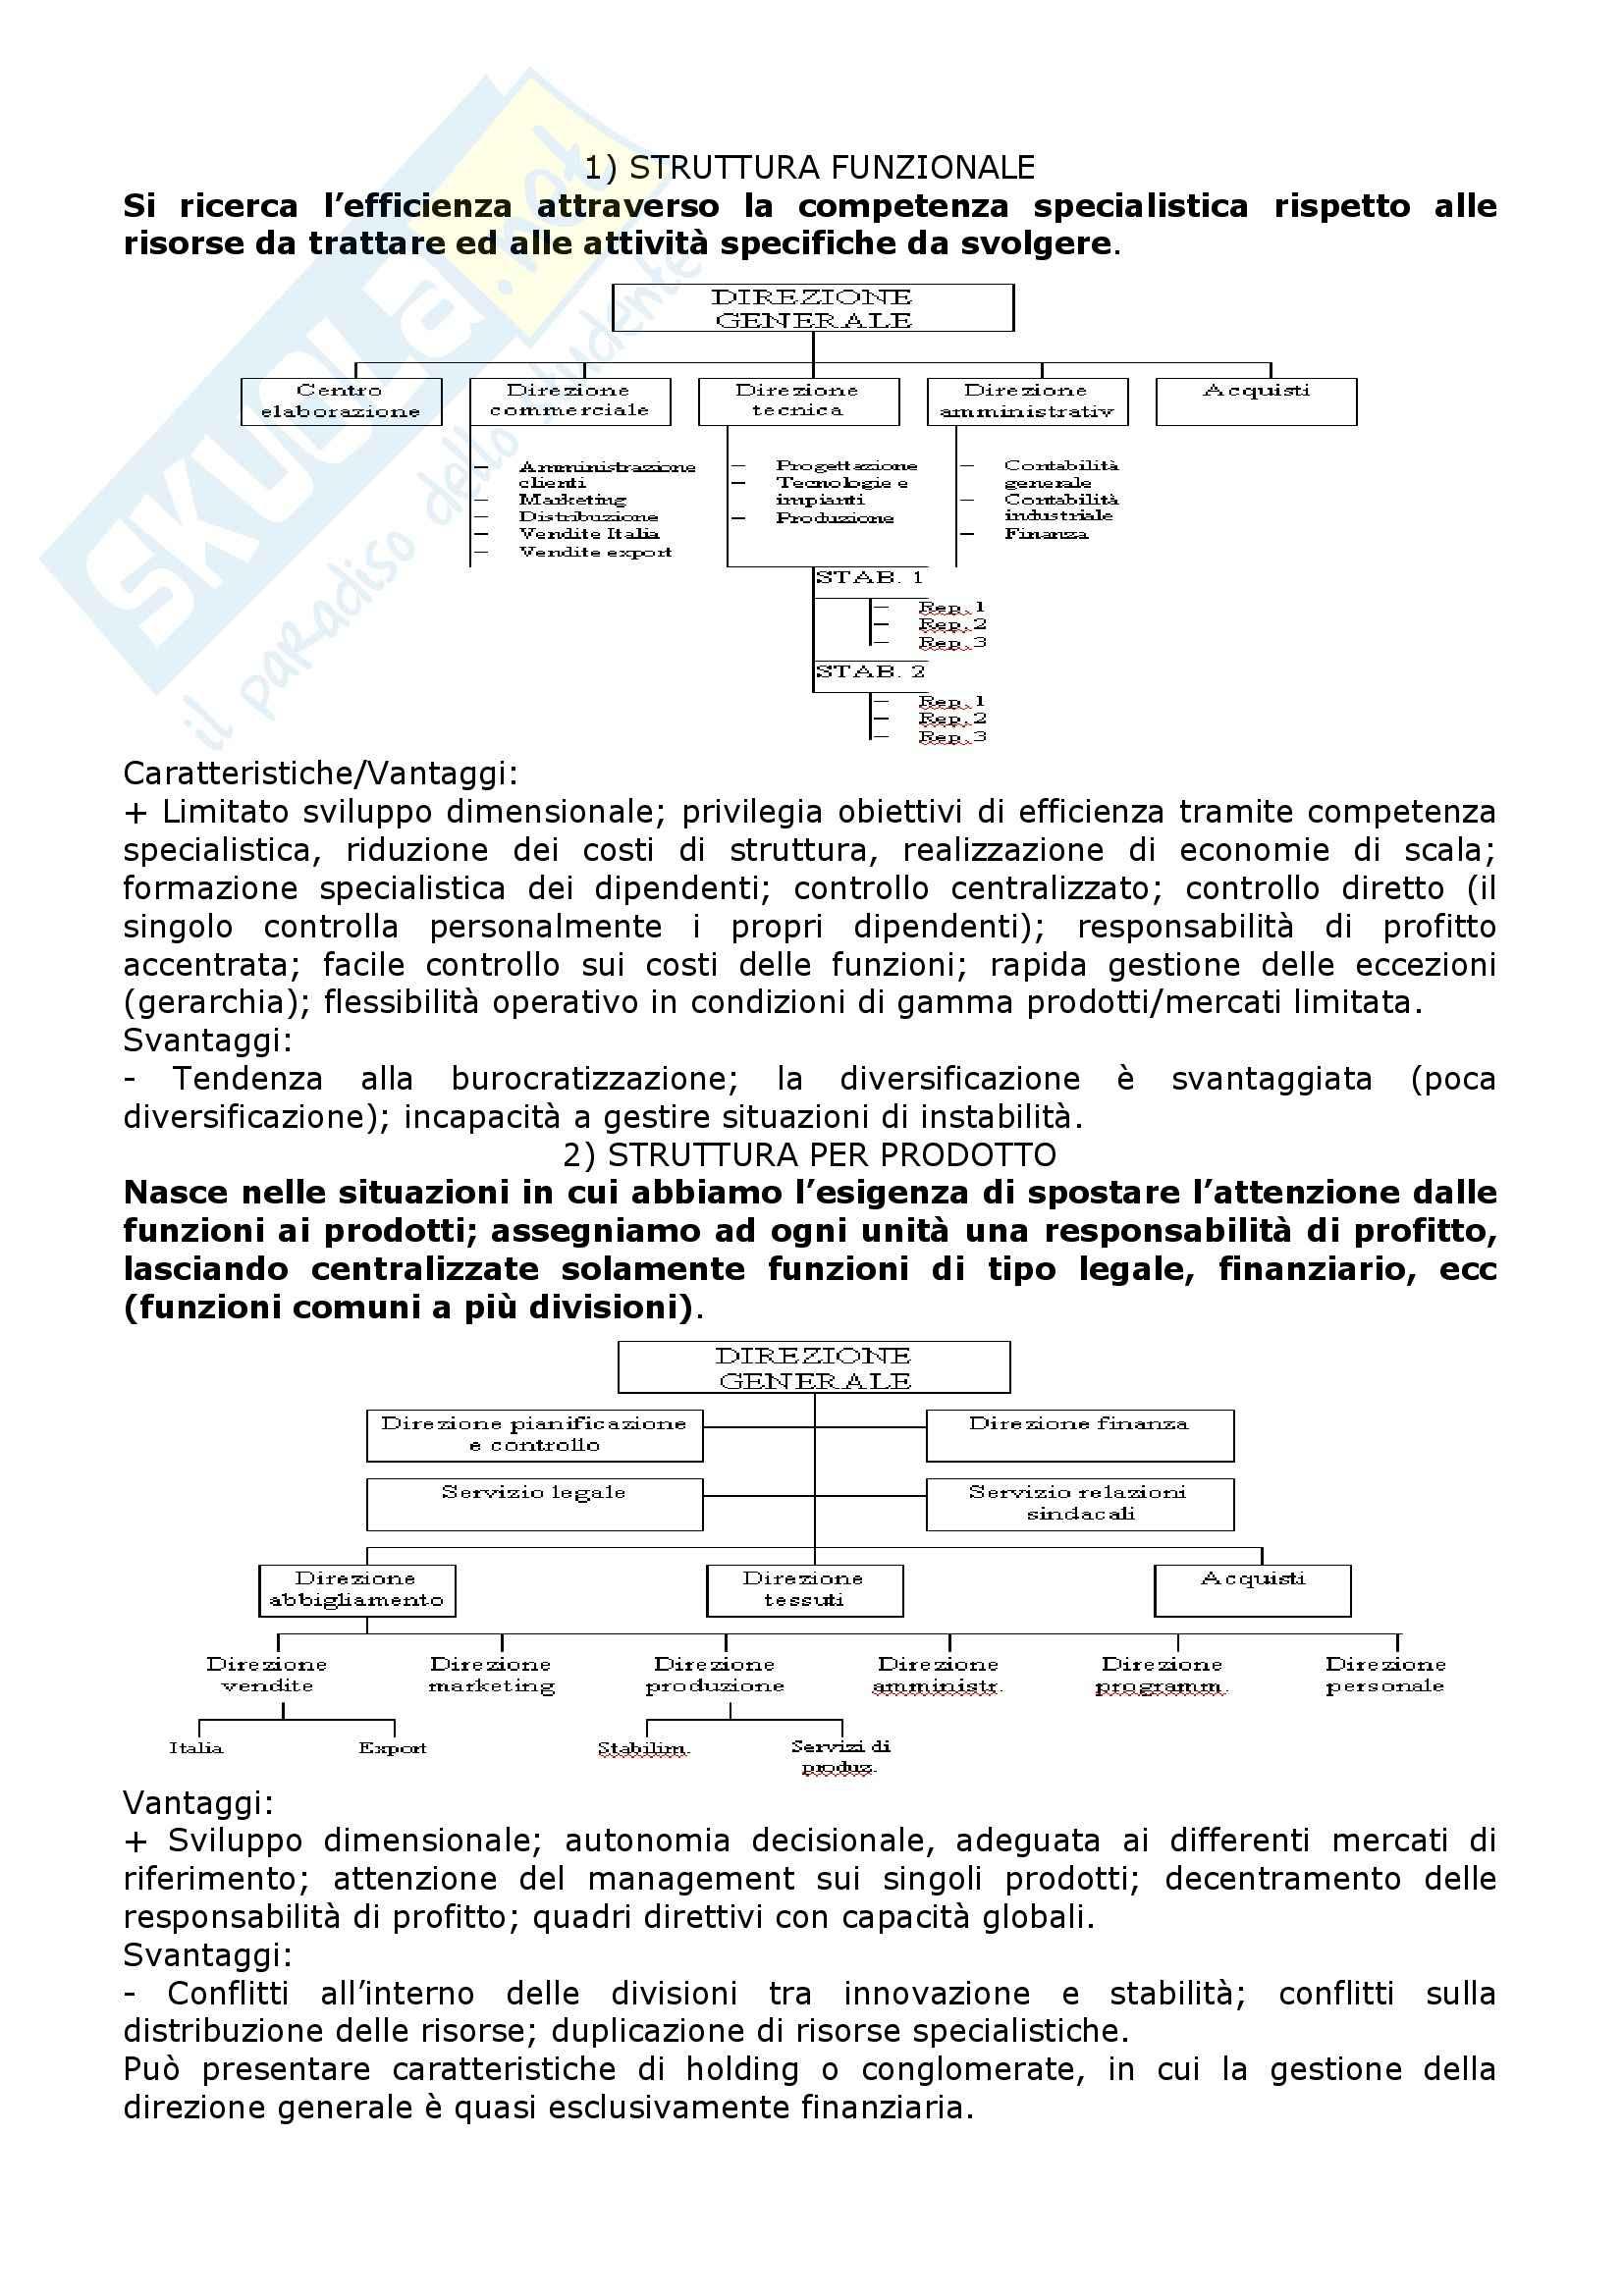 Economia e organizzazione aziendale - i metodi organizzativi Pag. 2